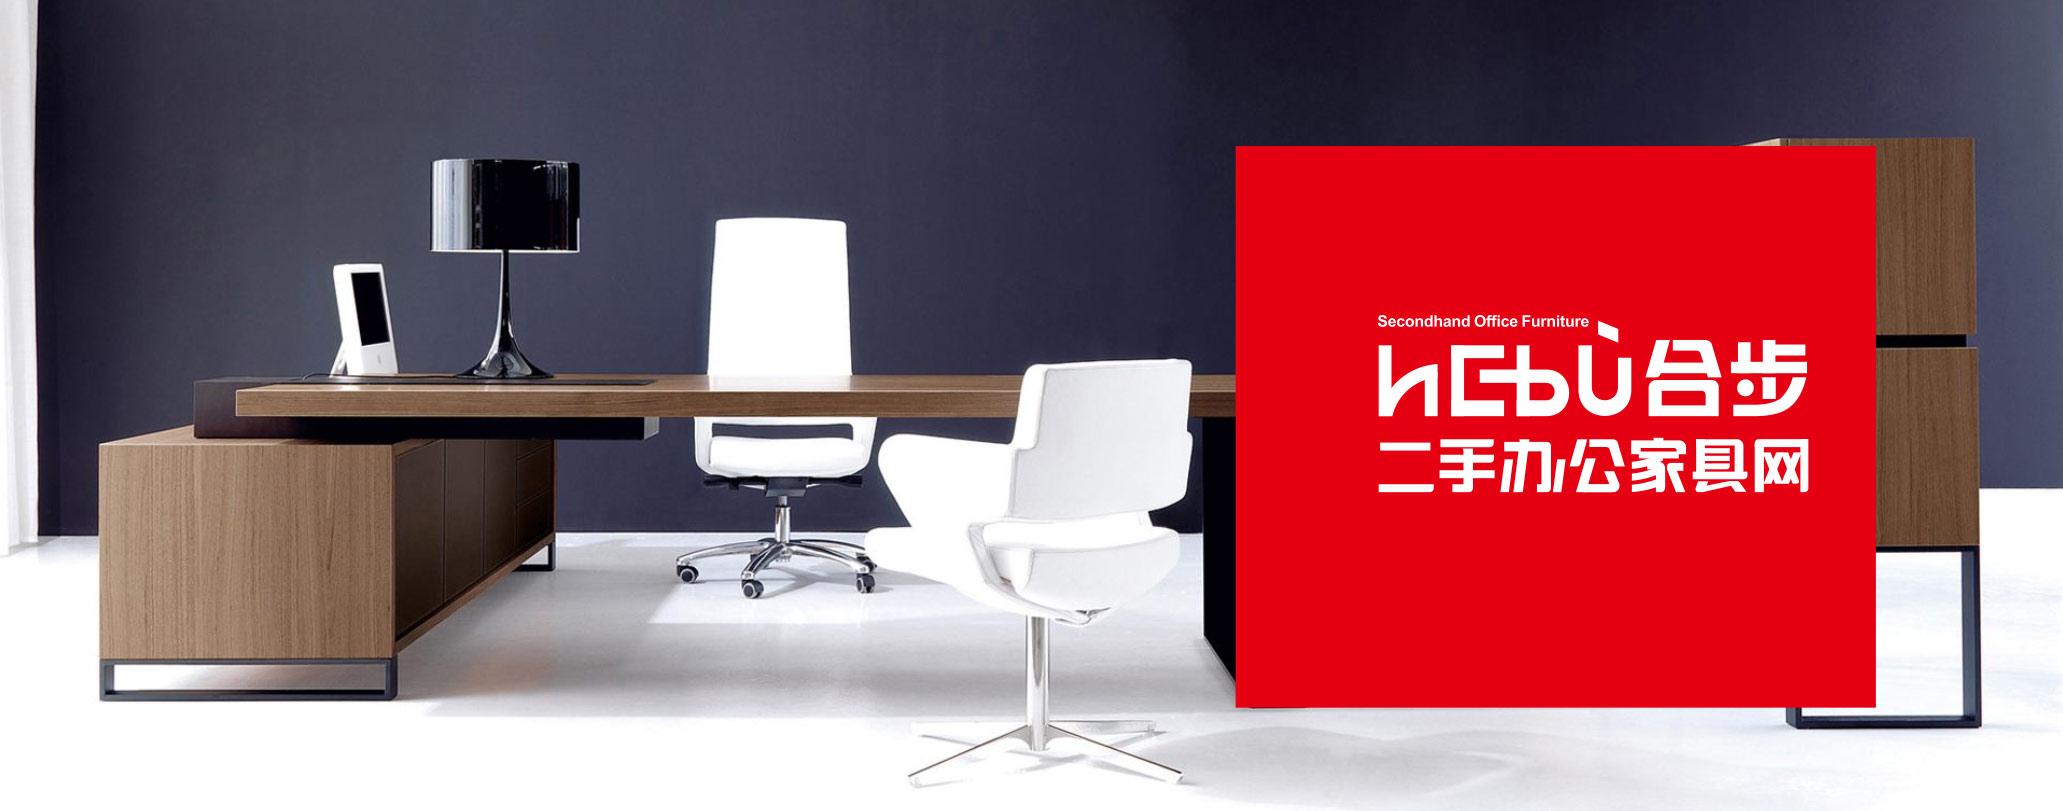 【品牌升级】云豹二手办公家具网正式更名为合步二手办公家具网(HEBU.COM)